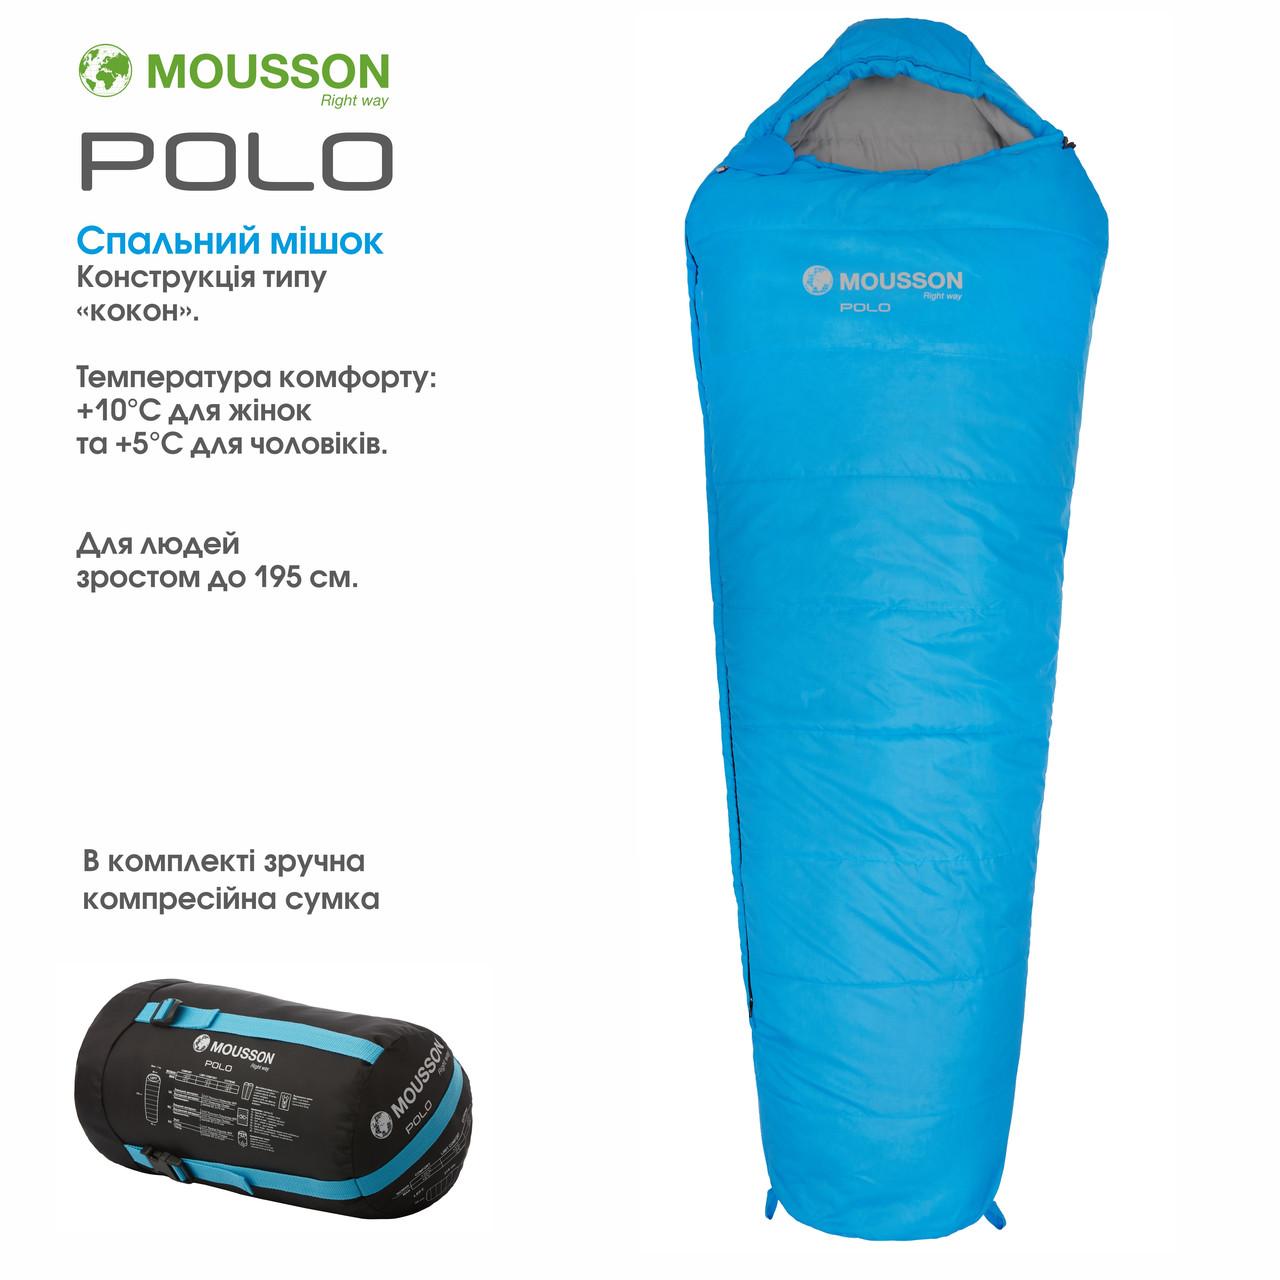 Спальный мешок MOUSSON POLO R